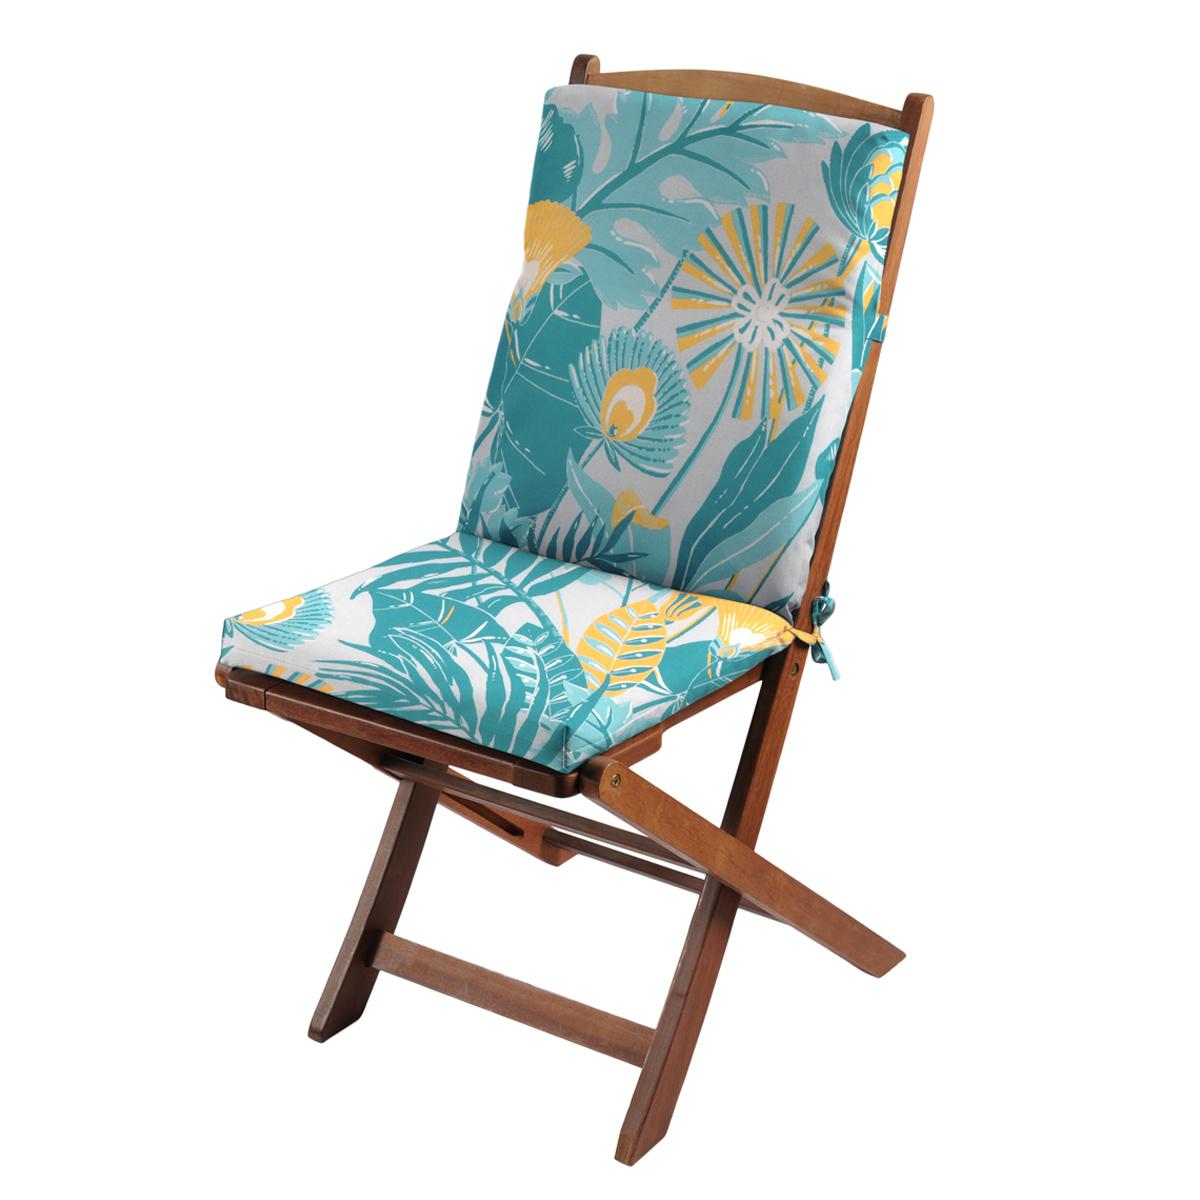 Coussin de fauteuil outdoor aux mille fleurs - Canard - 40 x 90 cm